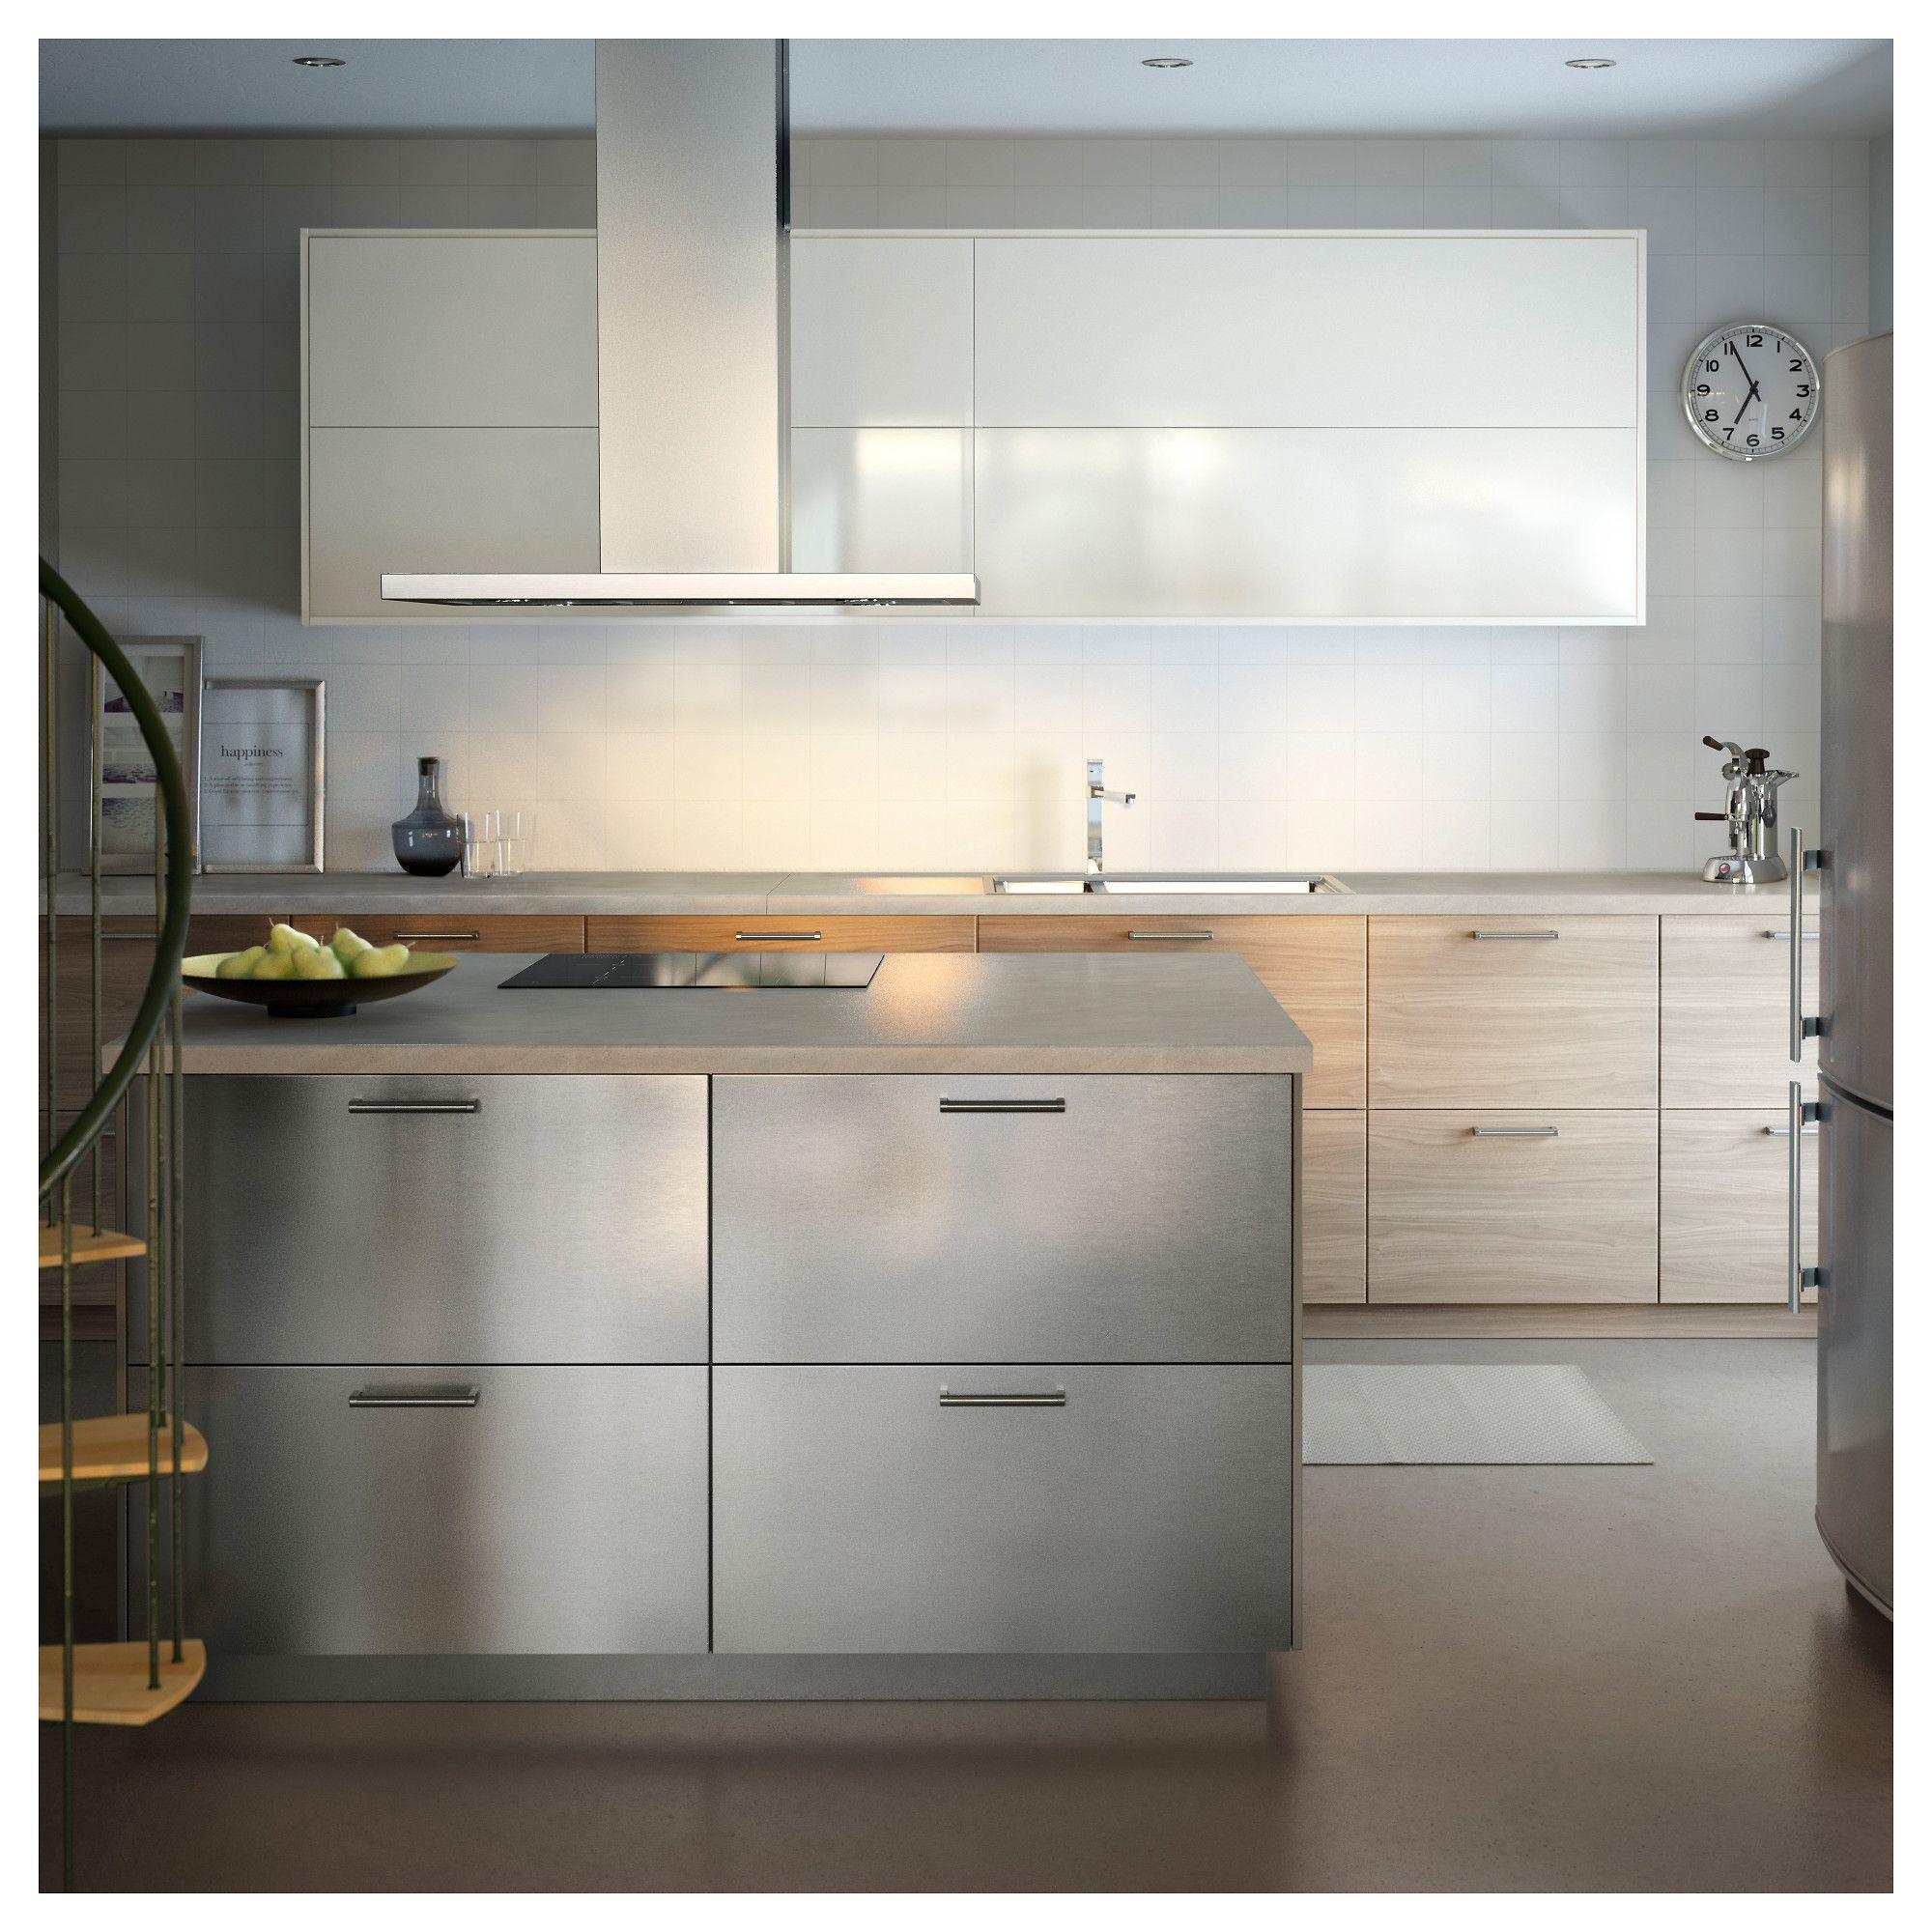 GREVSTA Door Stainless steel 40x80 cm